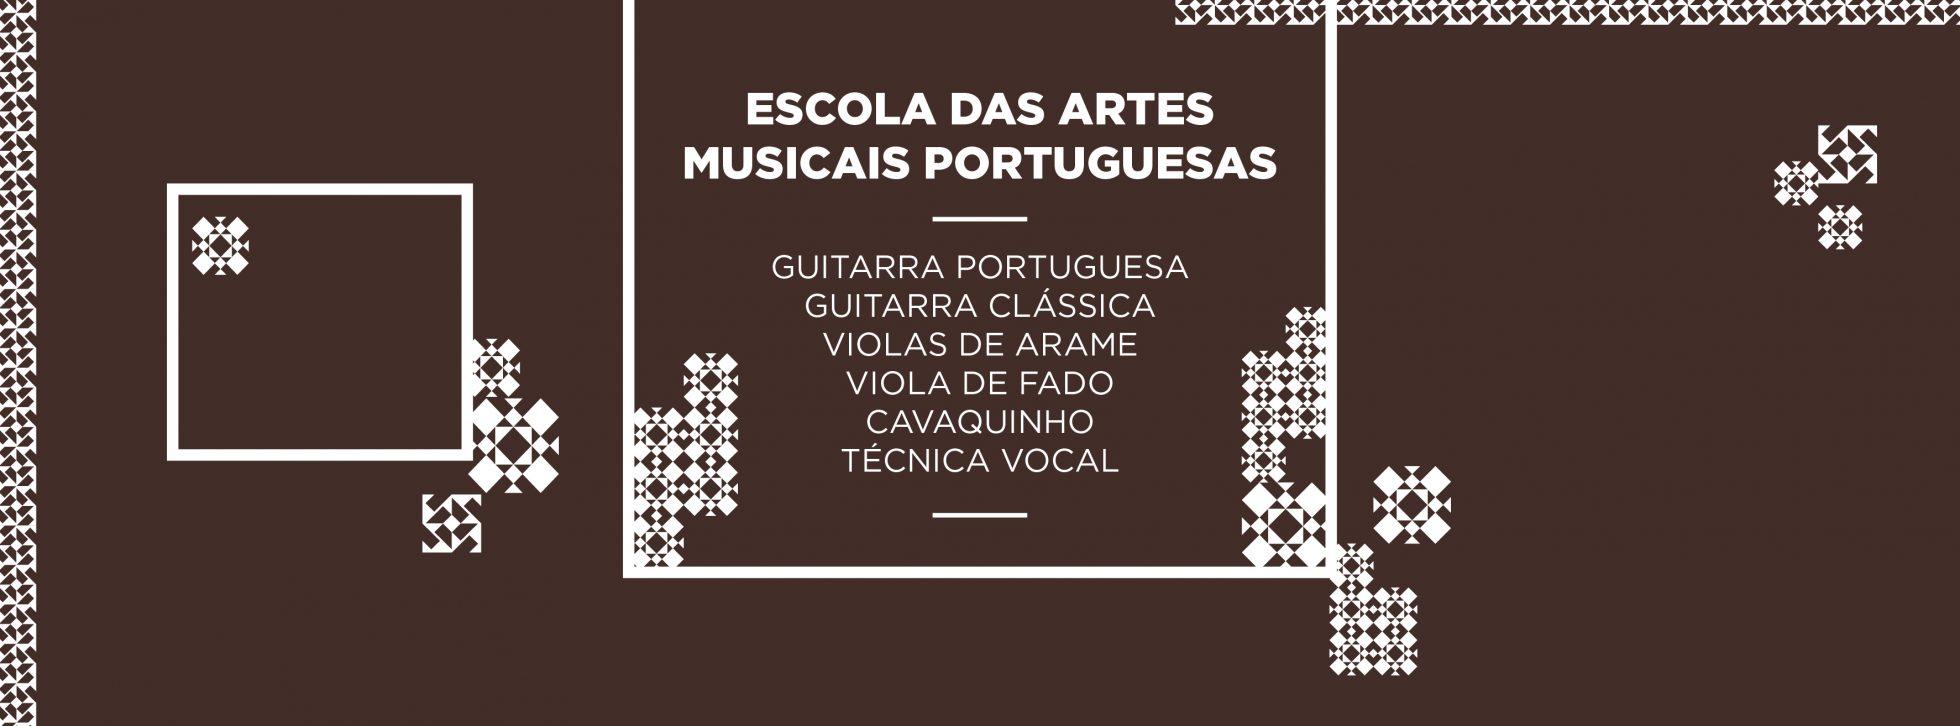 Instrumentos leccionados: Guitarra Portuguesa: Variante de Lisboa Variante de Coimbra Cavaquinho Viola Braguesa Ukelele Bandolim Guitarra Clássica